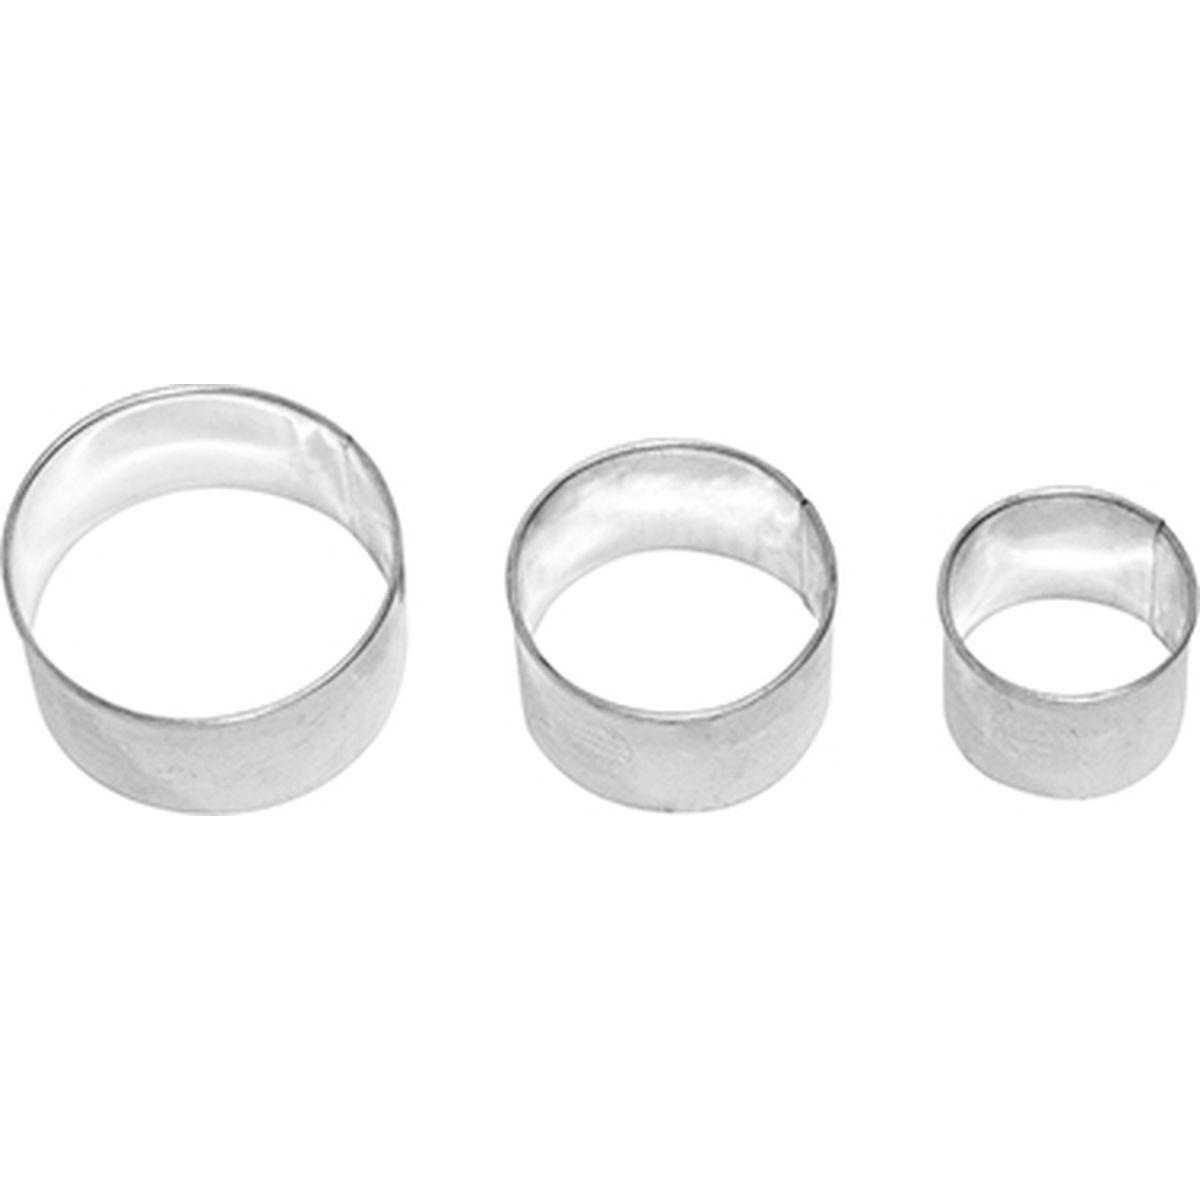 Set de 3 emporte-pièces rond lisse en inox 4, 5 et 6 cm - Alice Délice